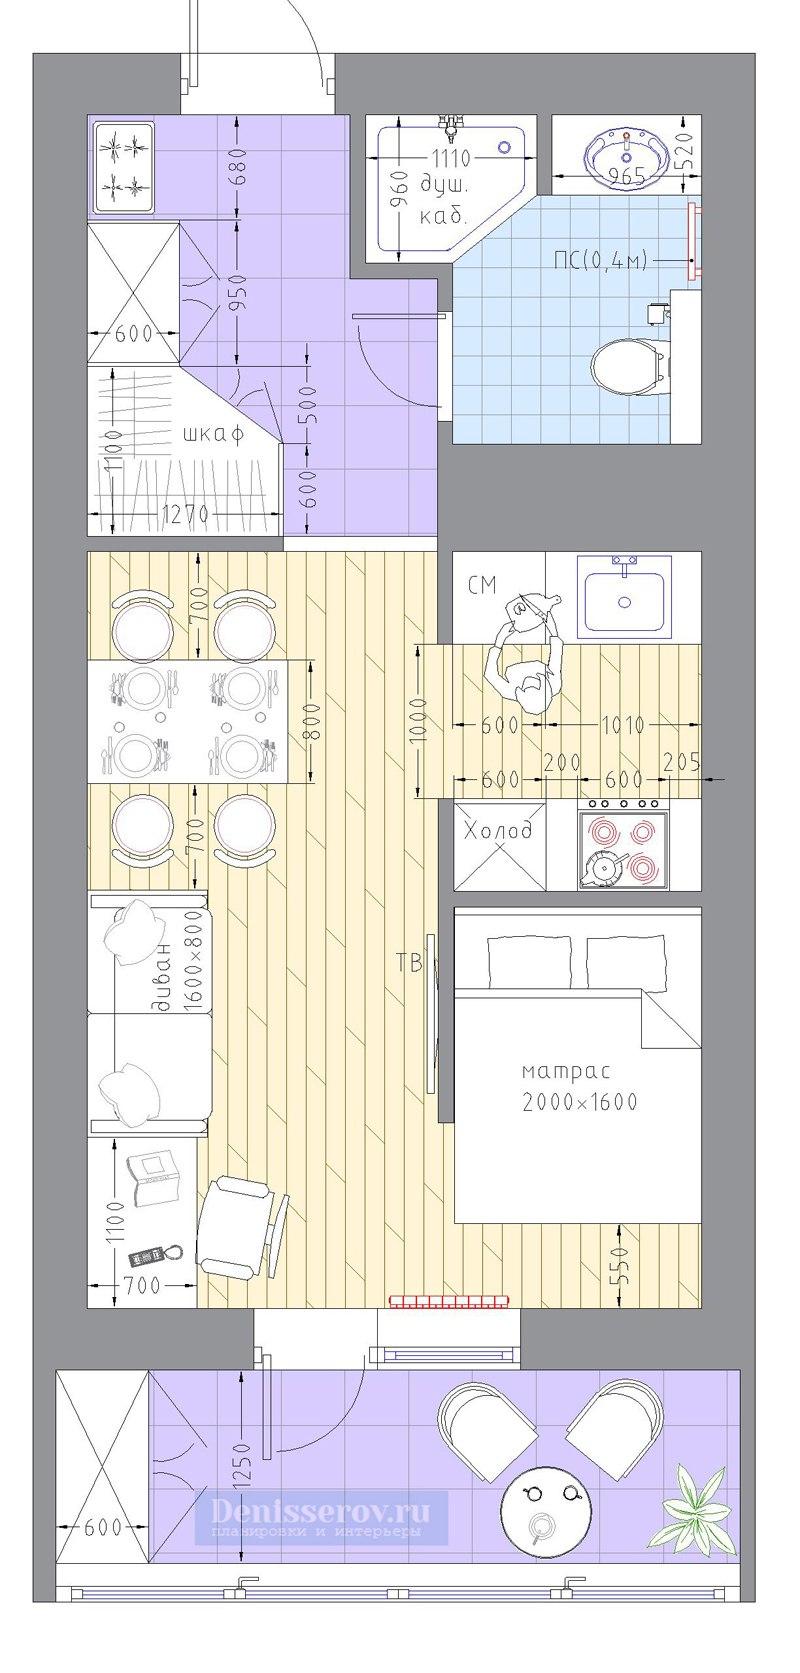 15 вариантов организации пространства типовой прямоугольной квартиры-студии 30 м.